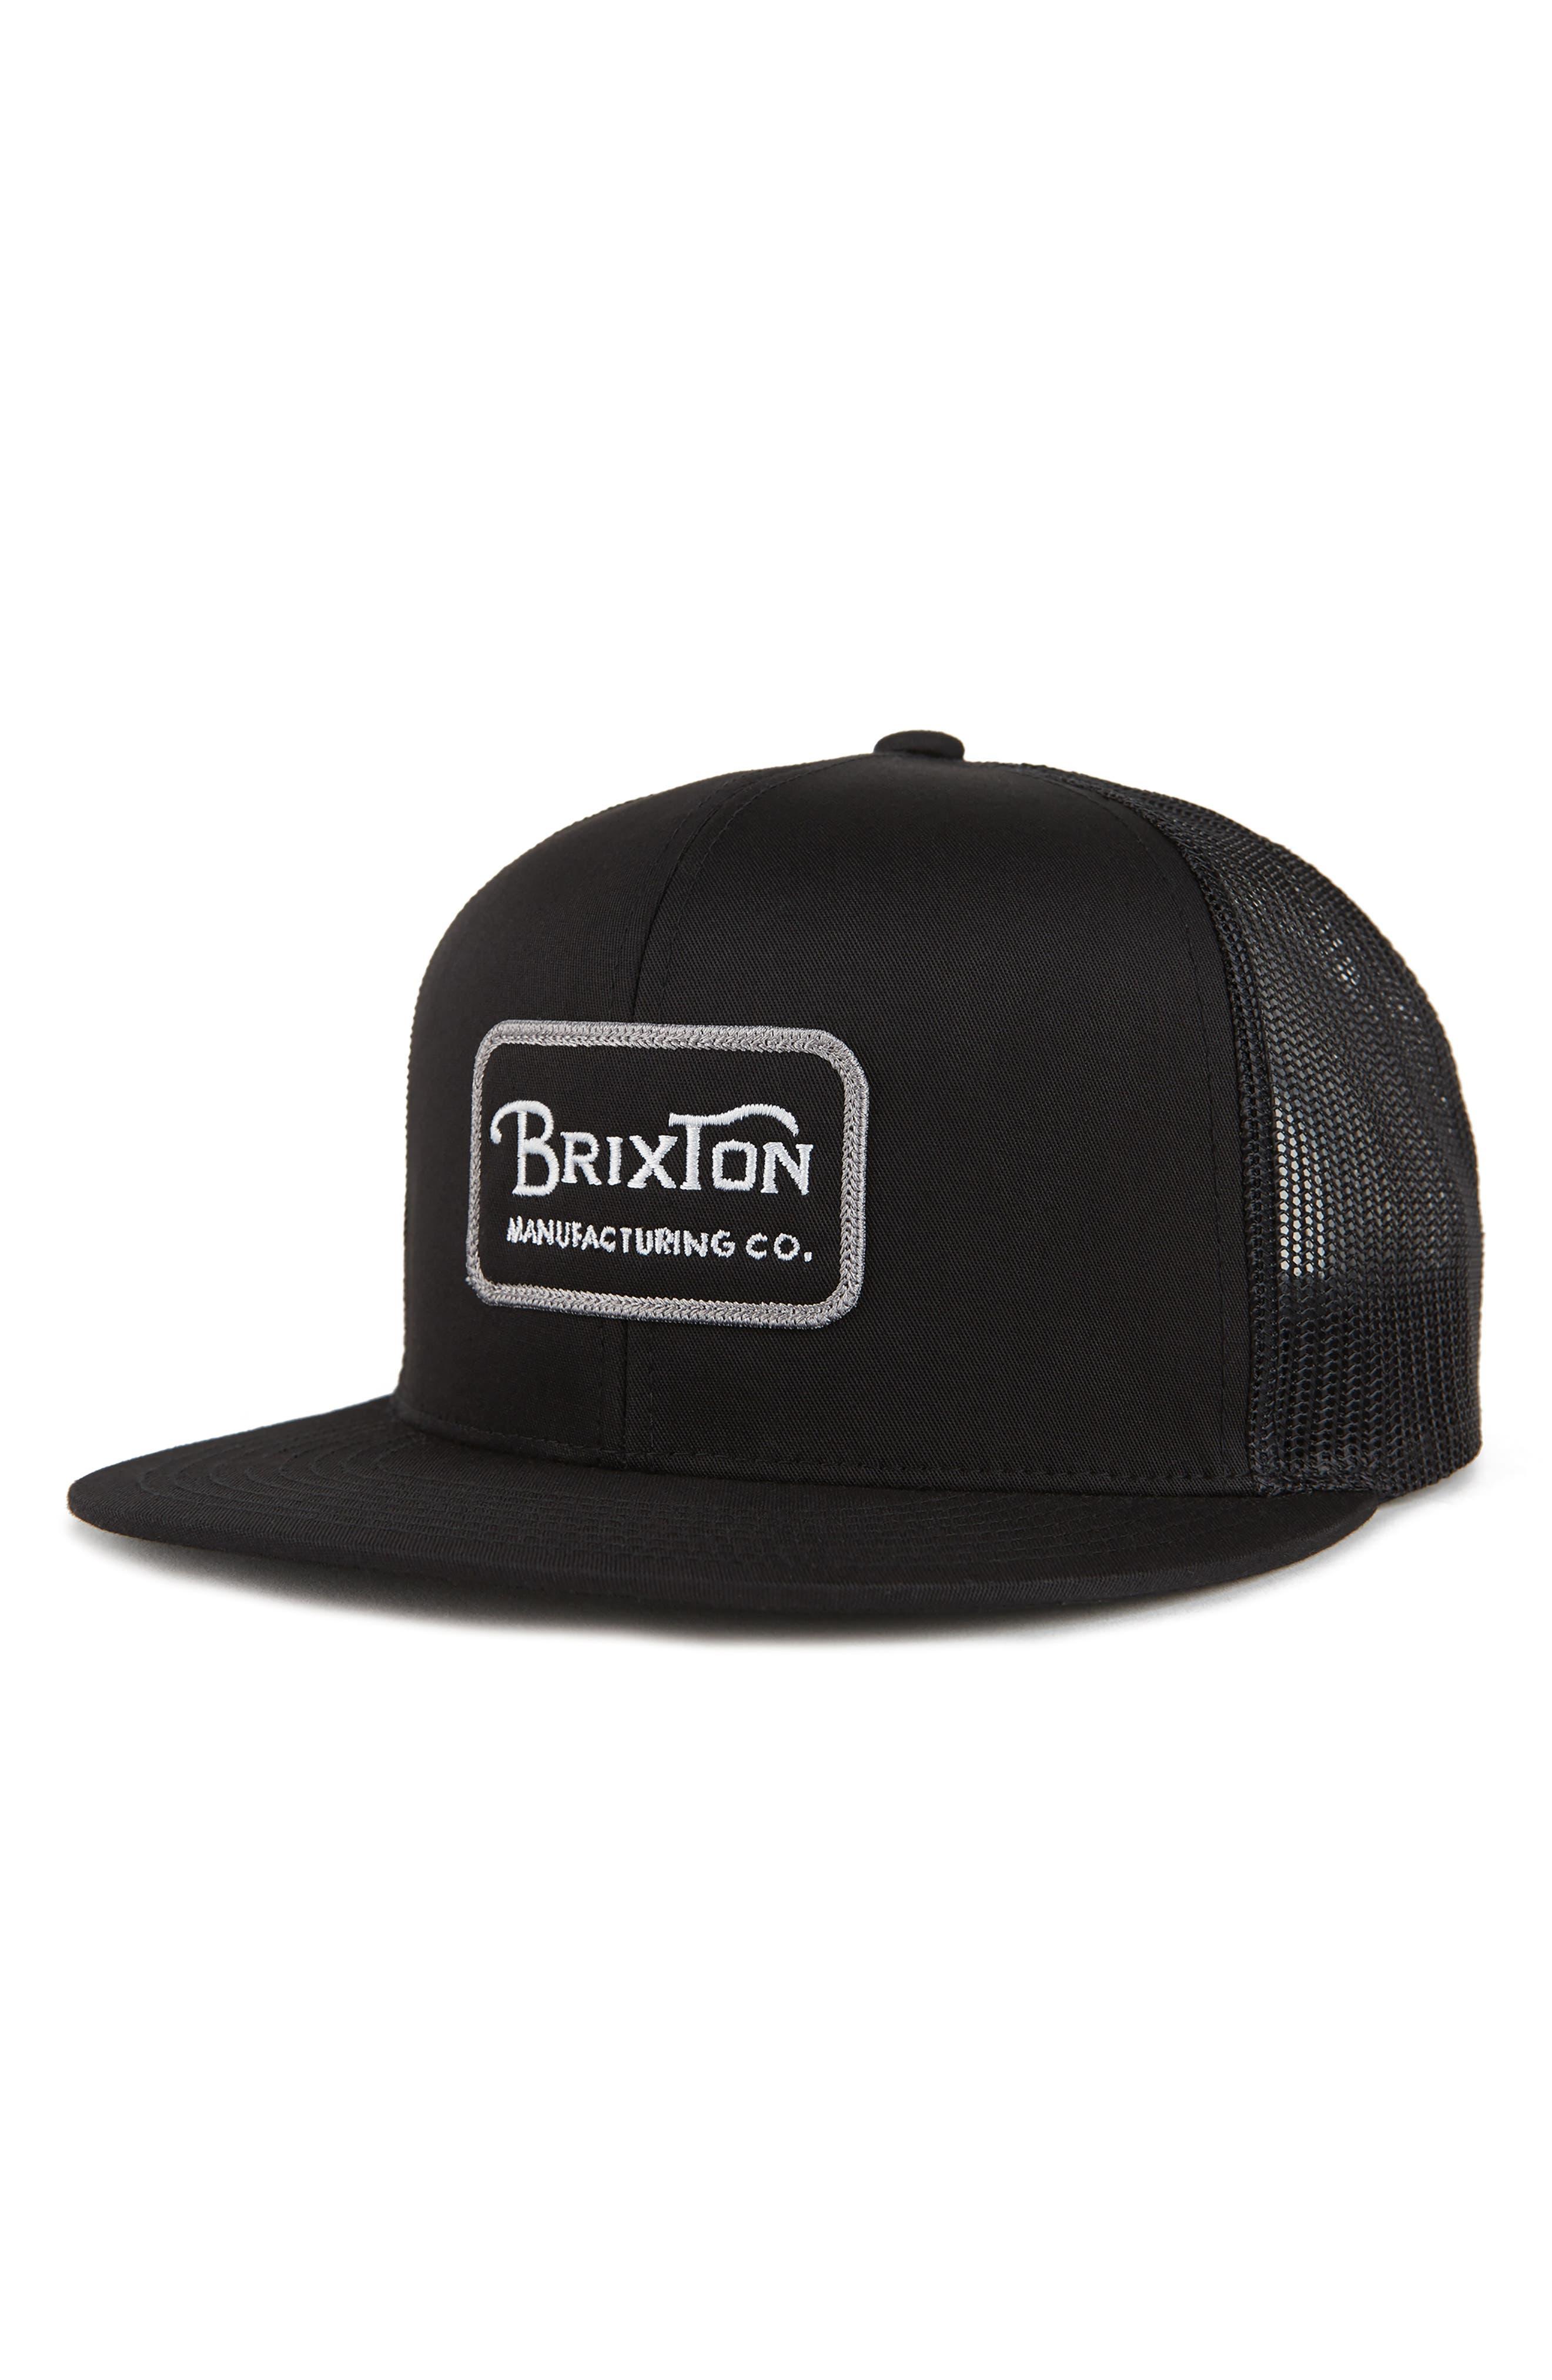 Men s Brixton Hats 26f73a0aebbc